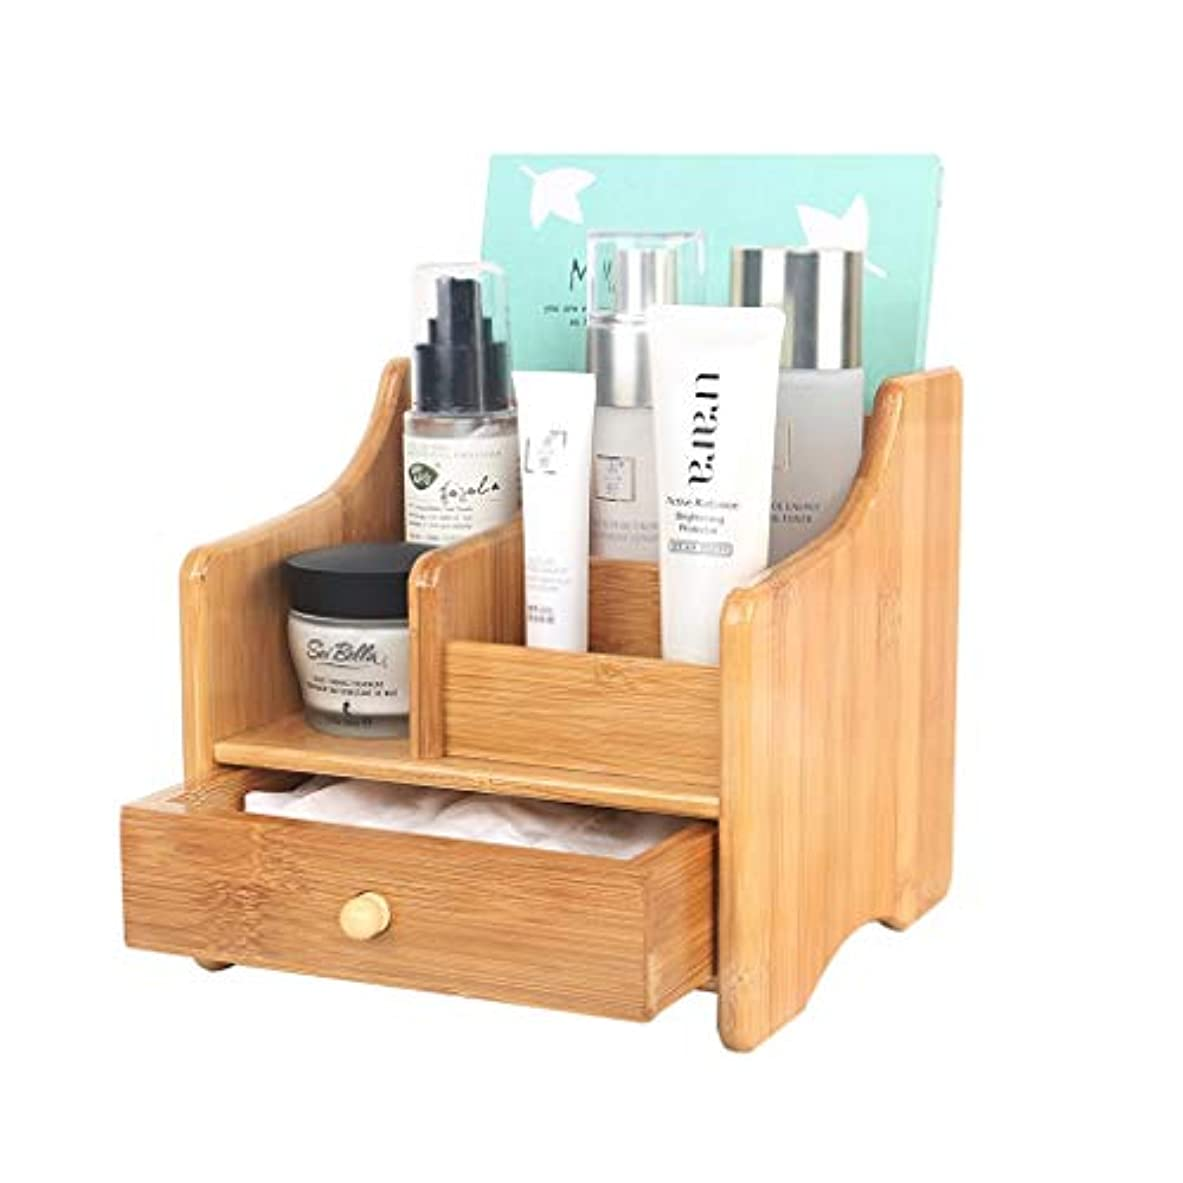 農村リーストリッキー化粧品収納ボックス木製引き出しタイプシンプル収納ラックホームスキンケア製品